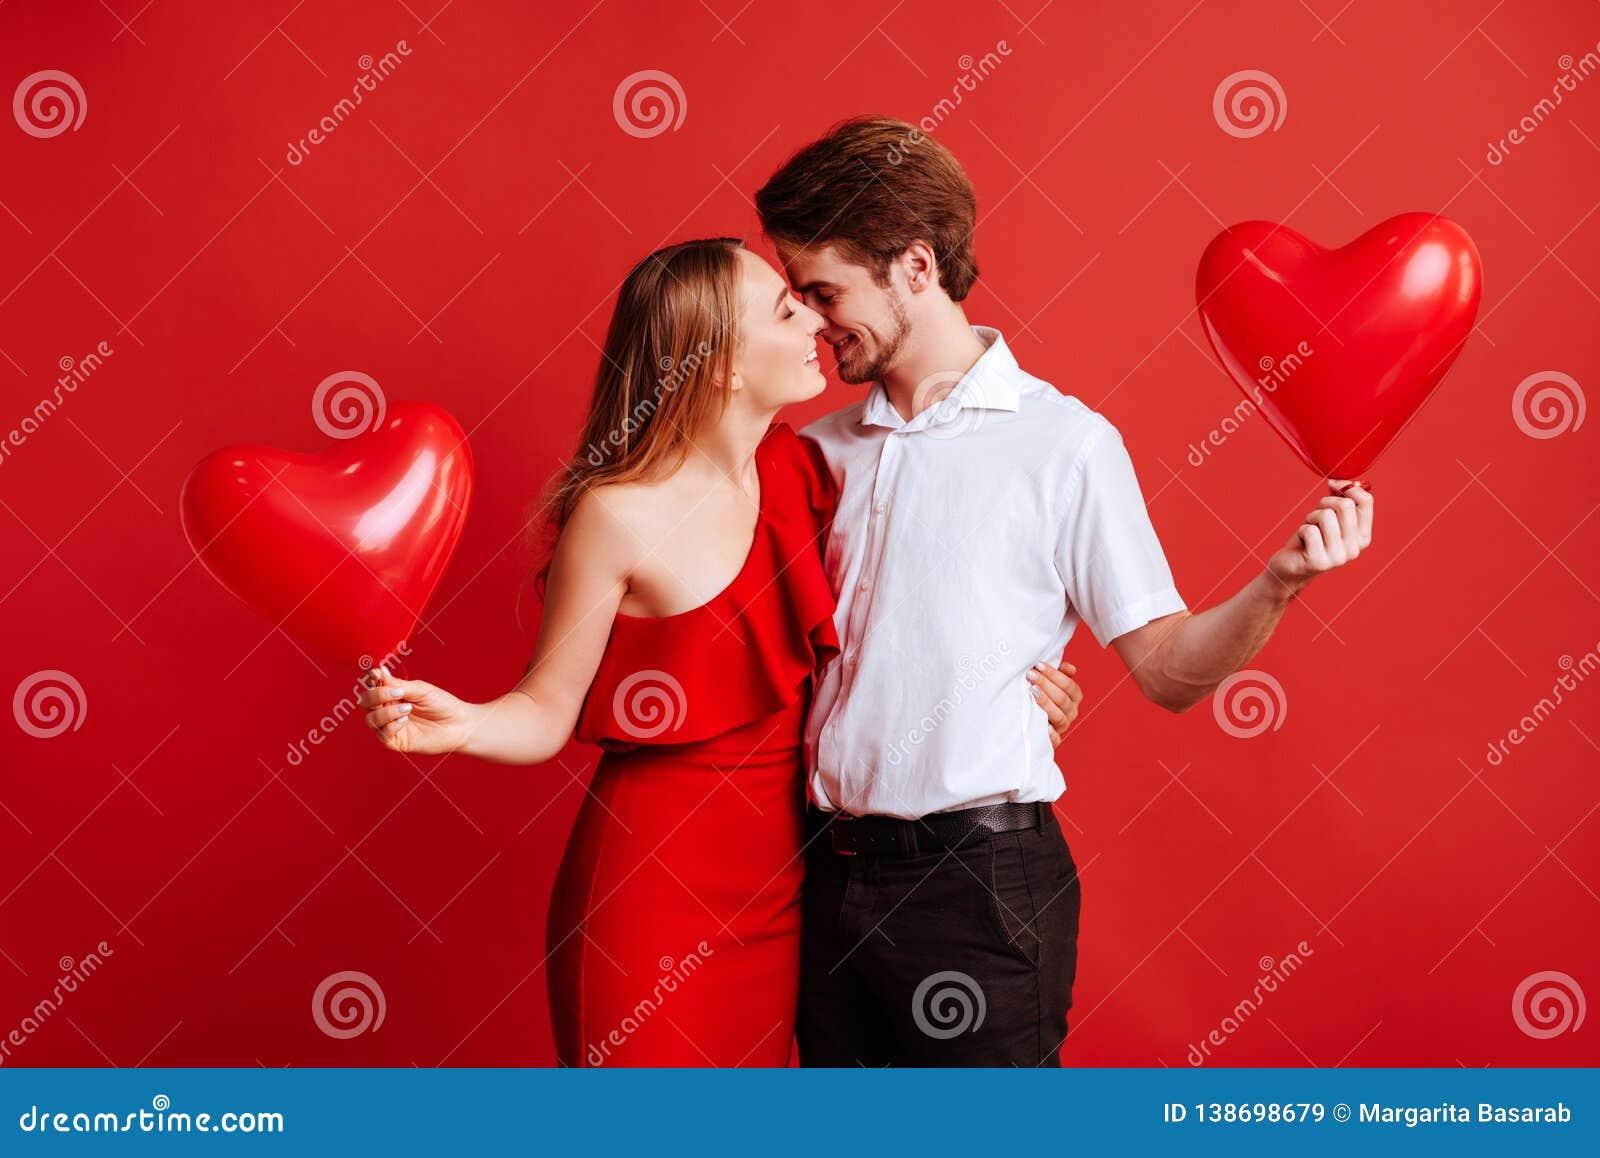 Stående av attraktiva unga par som poserar på röd bakgrund och rymmer ballonghjärta